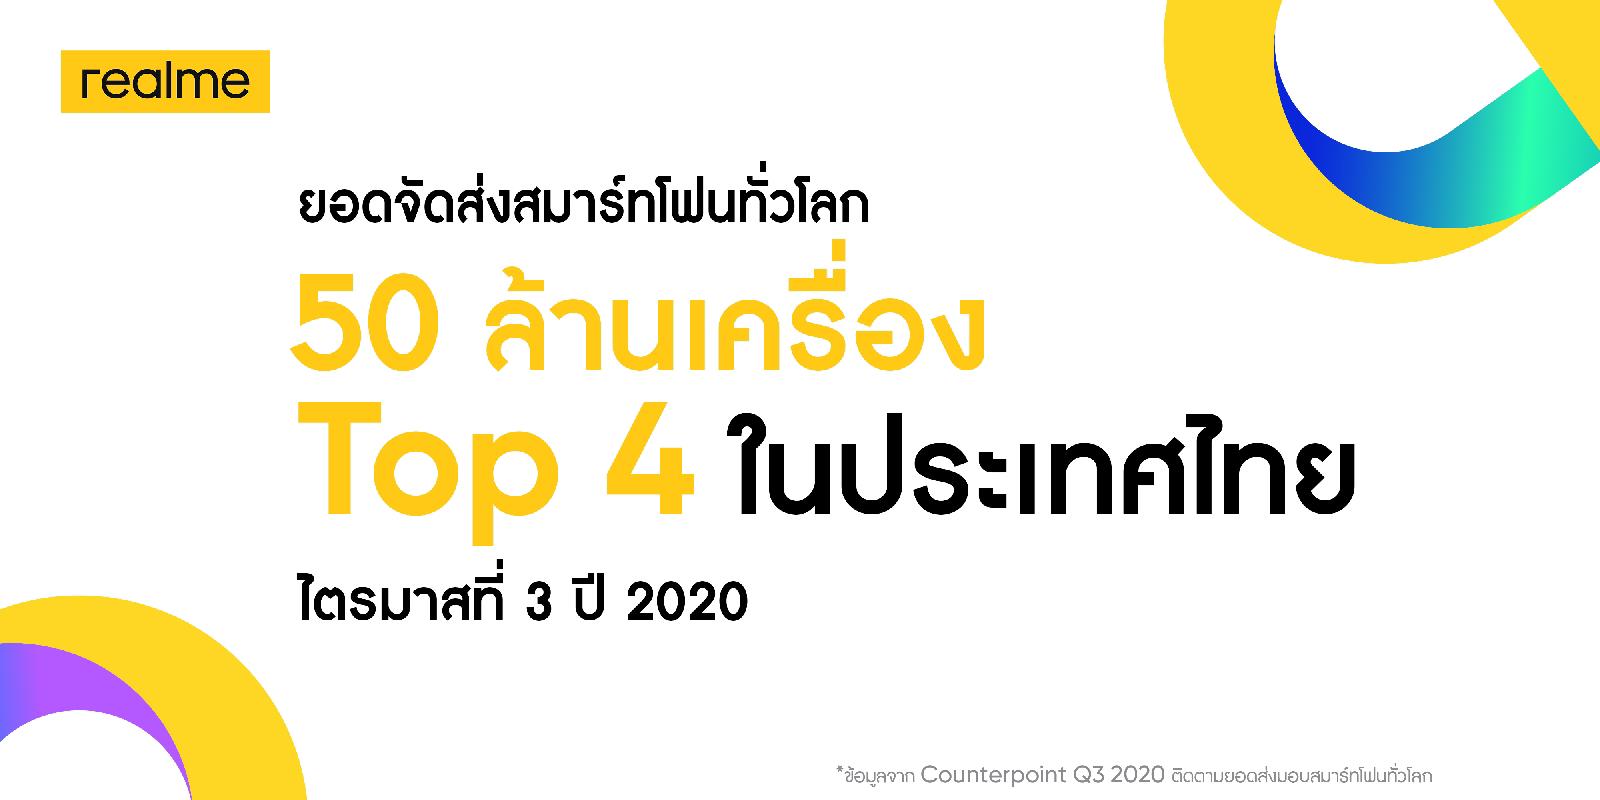 realme ครองอันดับ 4 ในประเทศไทย ในไตรมาสที่ 3 ปี 2020 พร้อมยอดจัดส่งสมาร์ทโฟนทั่วโลกกว่า 50 ล้านเครื่อง นับเป็นแบรนด์สมาร์ทโฟนที่เติบโตเร็วที่สุดในโลกอย่างต่อเนื่อง